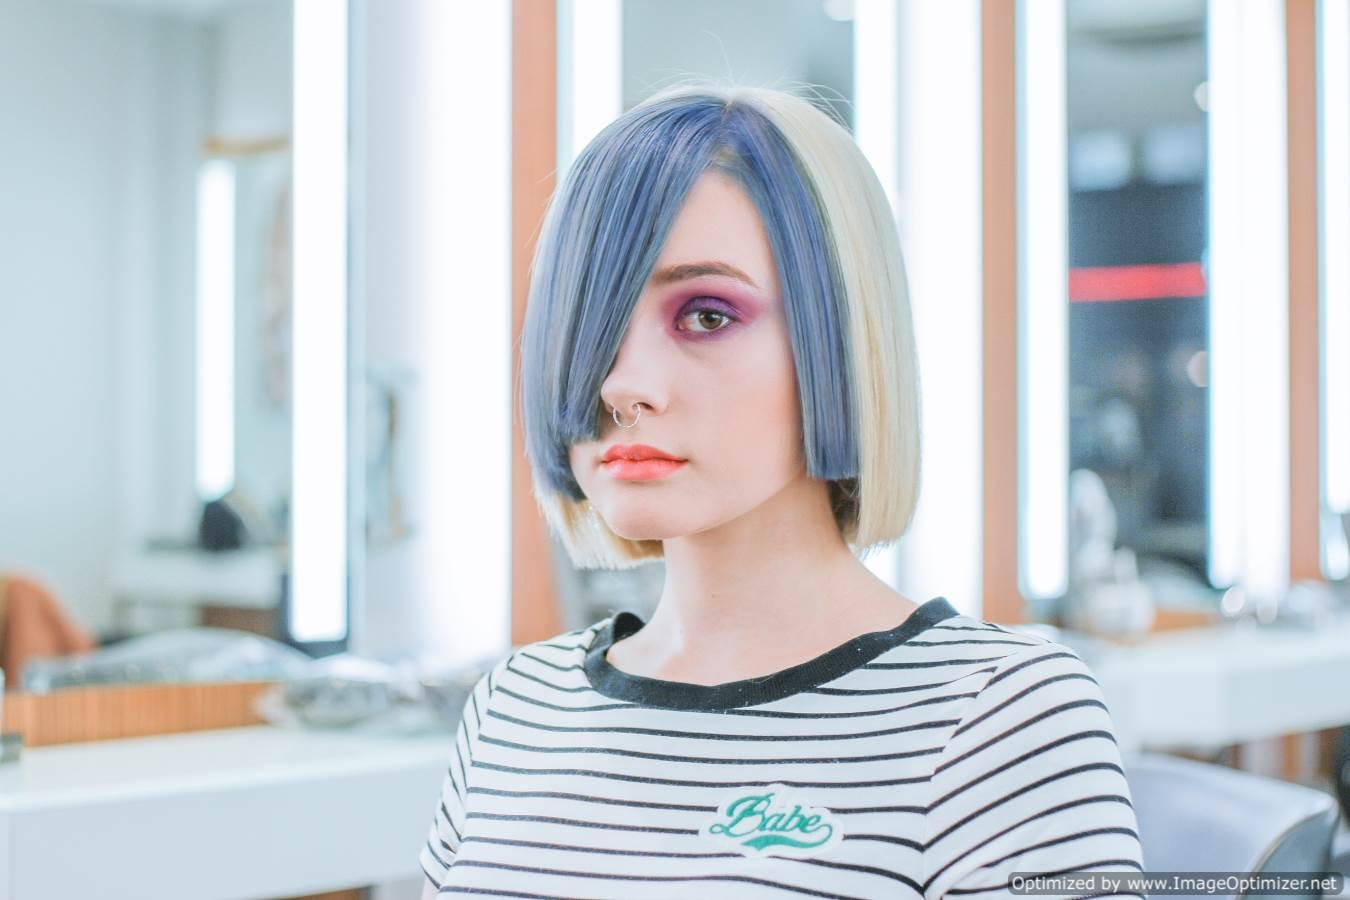 صورة بنت جميلة شعرها ملون وتضع خلق فى انفها